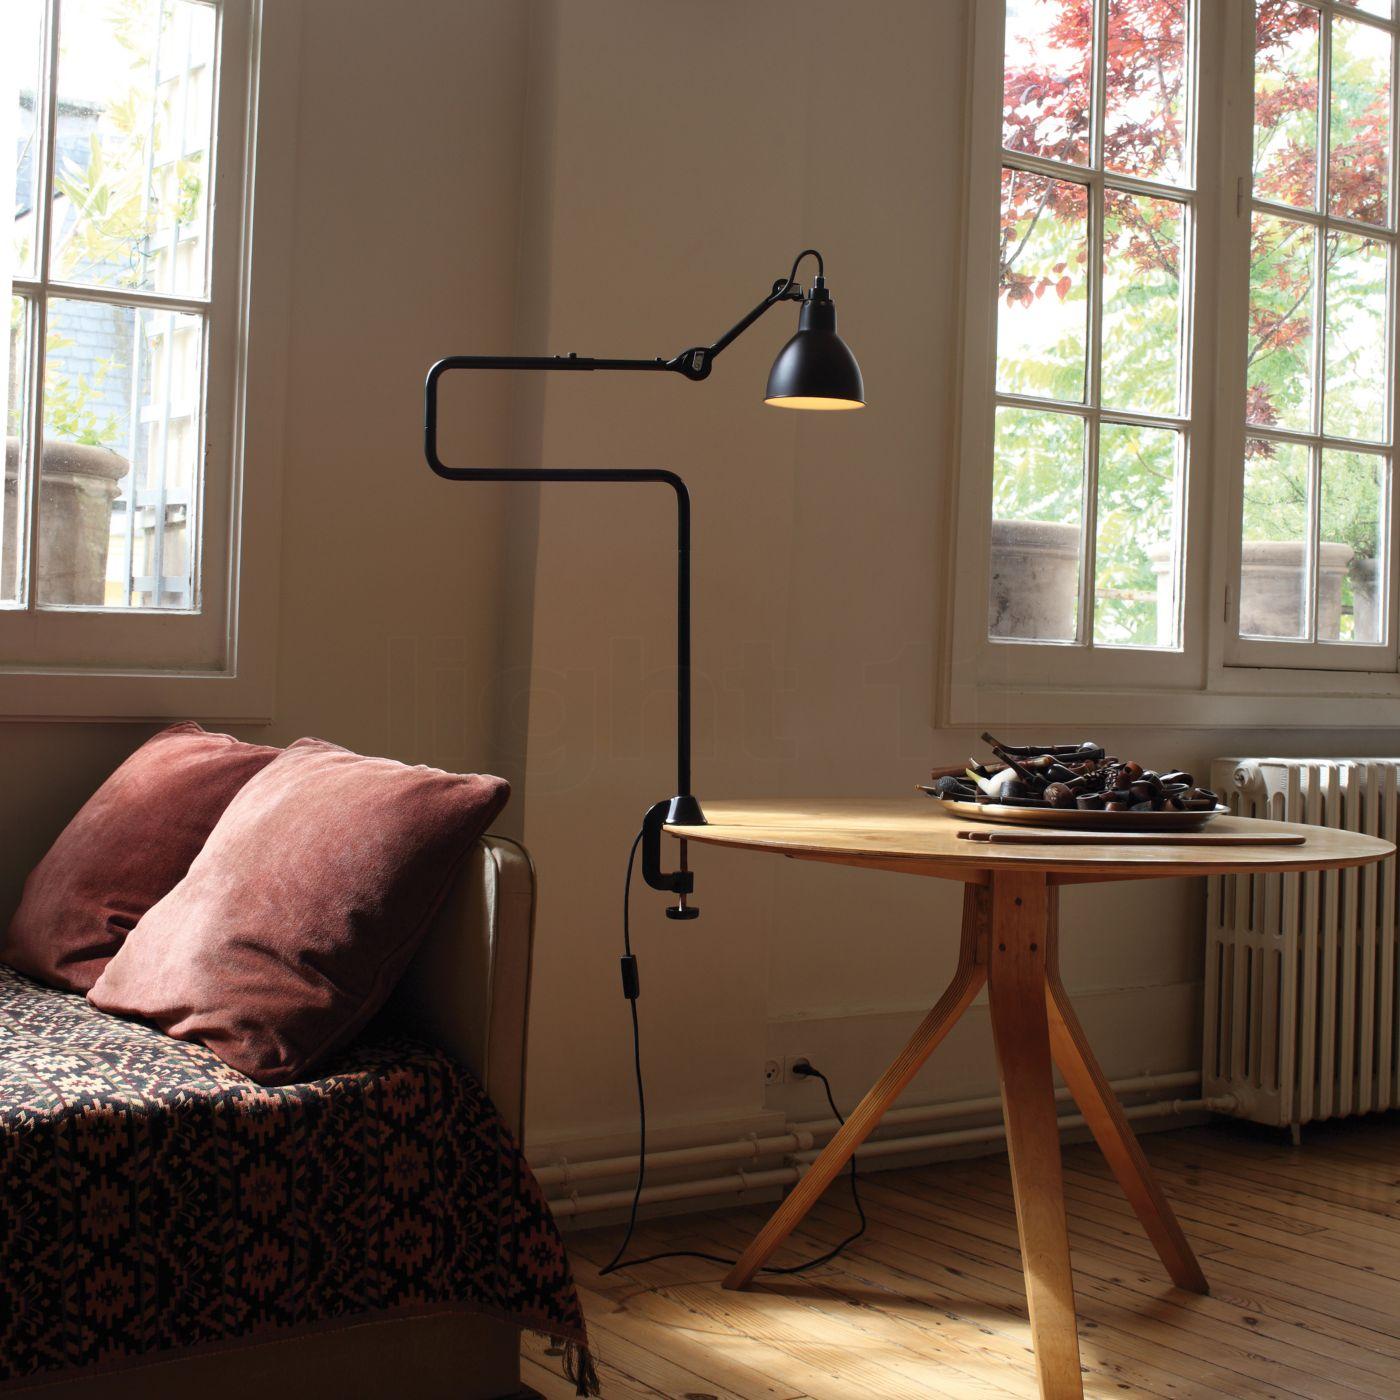 Lampe A Pince Dcw Lampe Gras No 211 311 Lampe De Table Avec Support